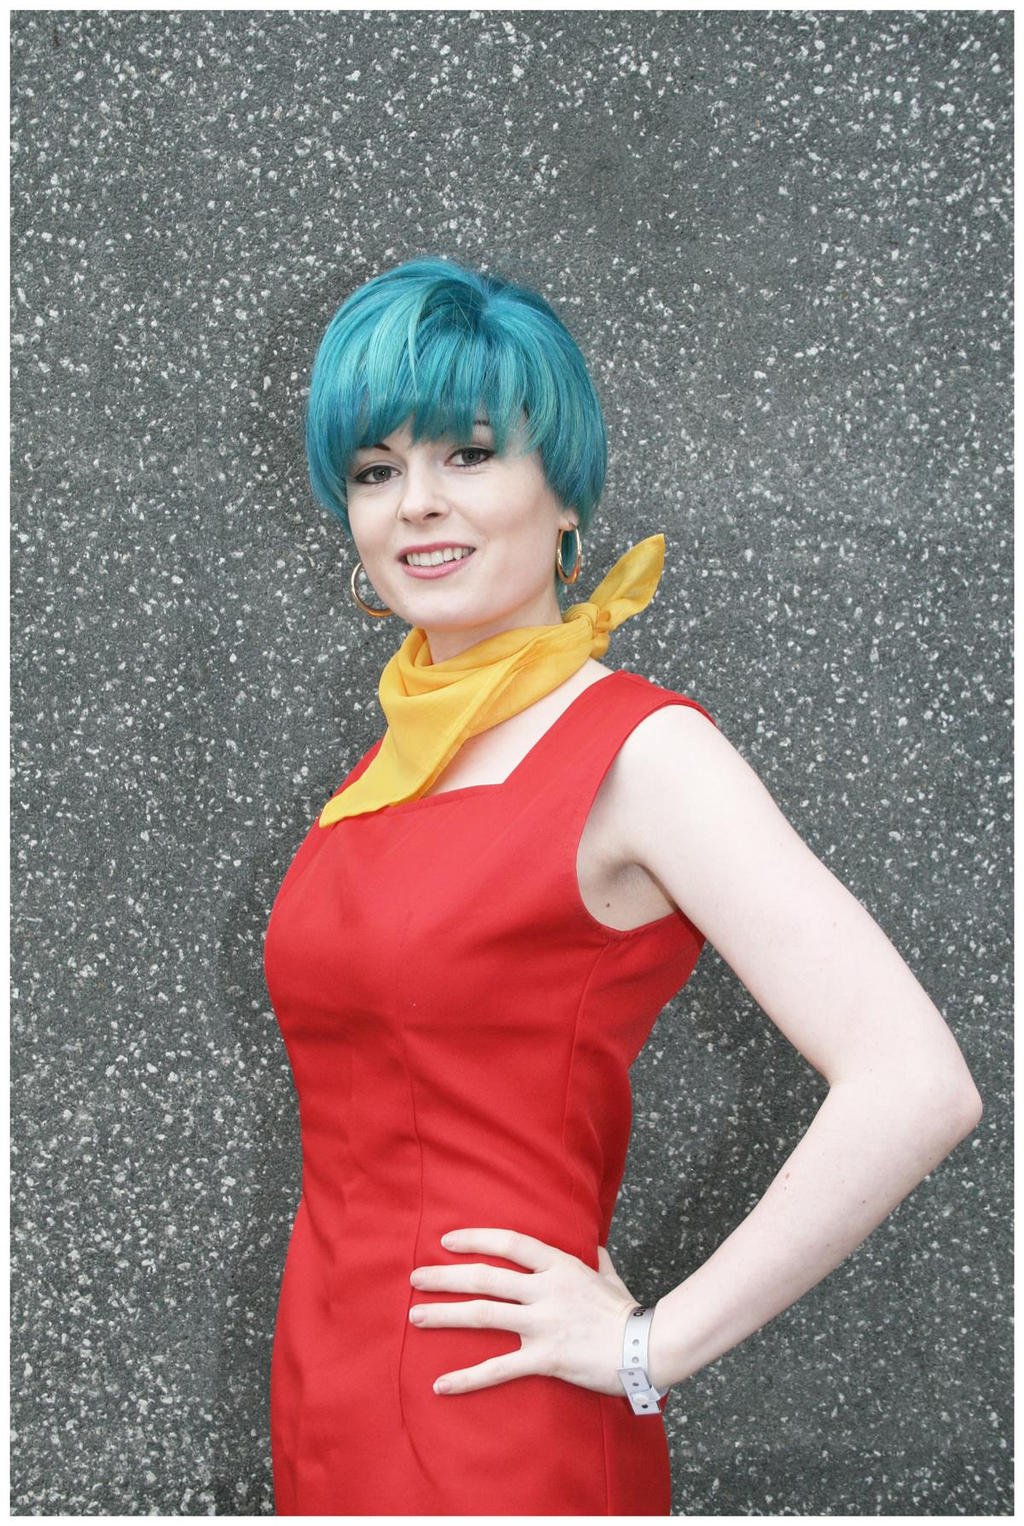 KatMaz's Profile Picture